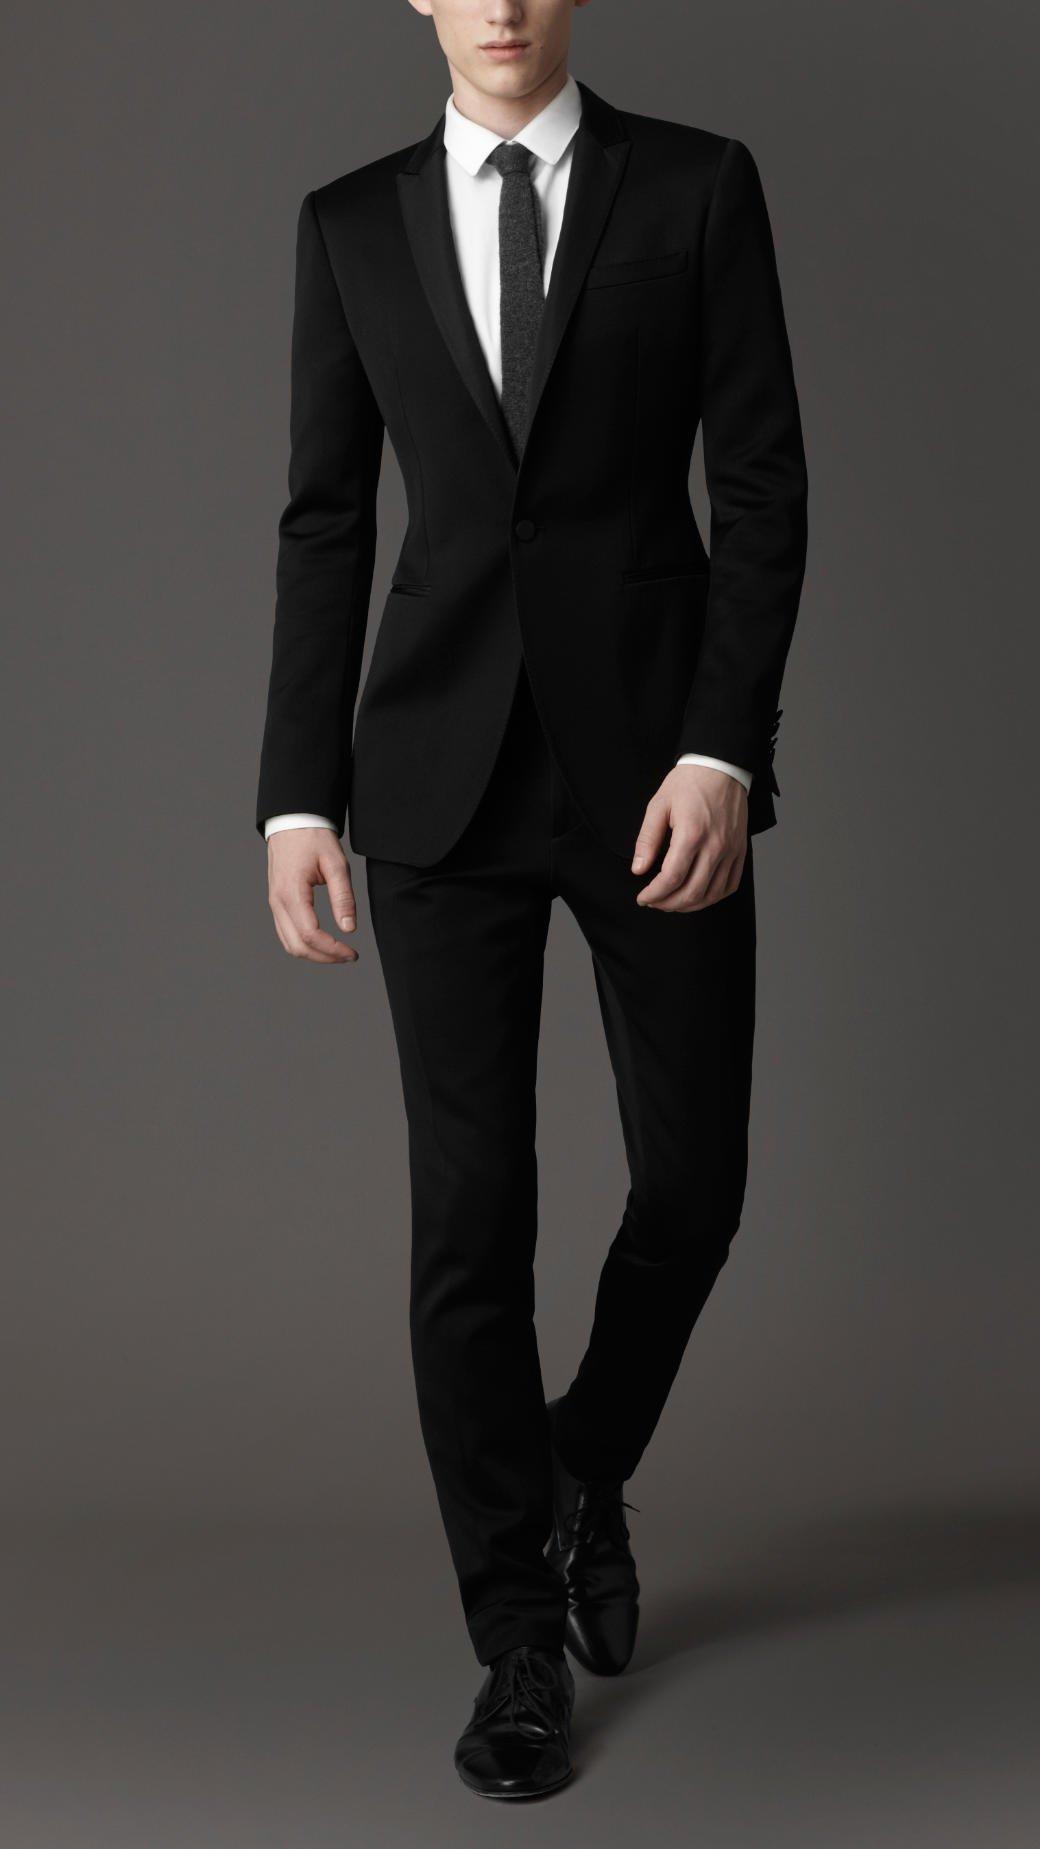 Mens Slim Fit Suits Uk - Hardon Clothes